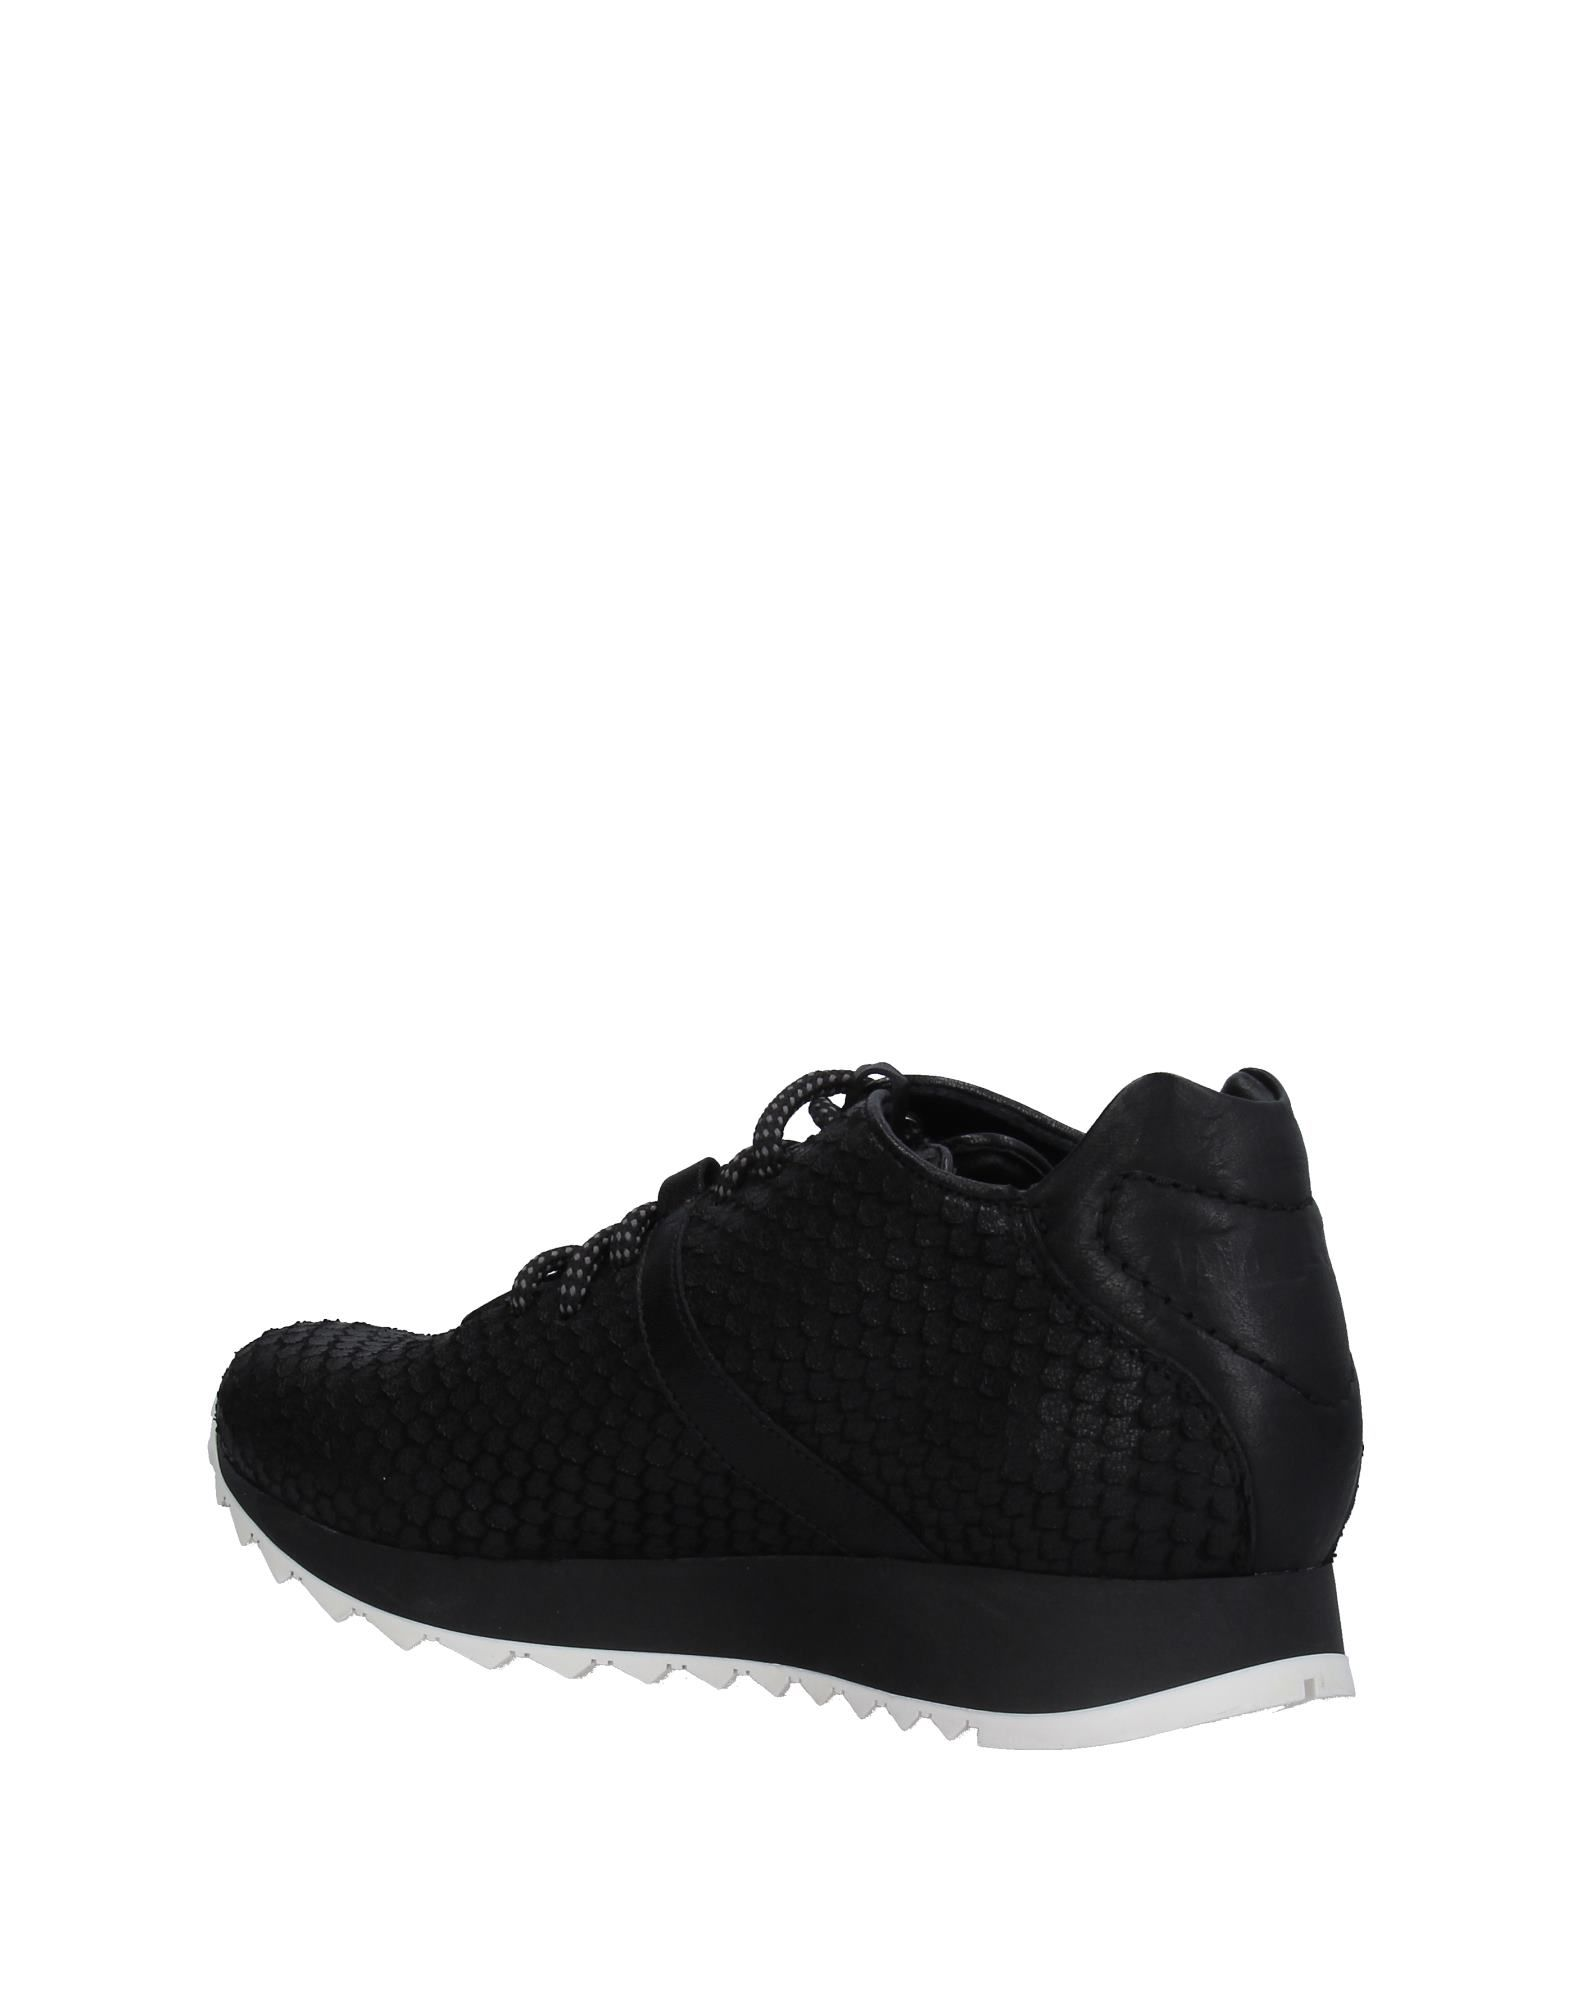 Gut Fora um billige Schuhe zu tragenAndìa Fora Gut Sneakers Damen  11264703GR 25498b